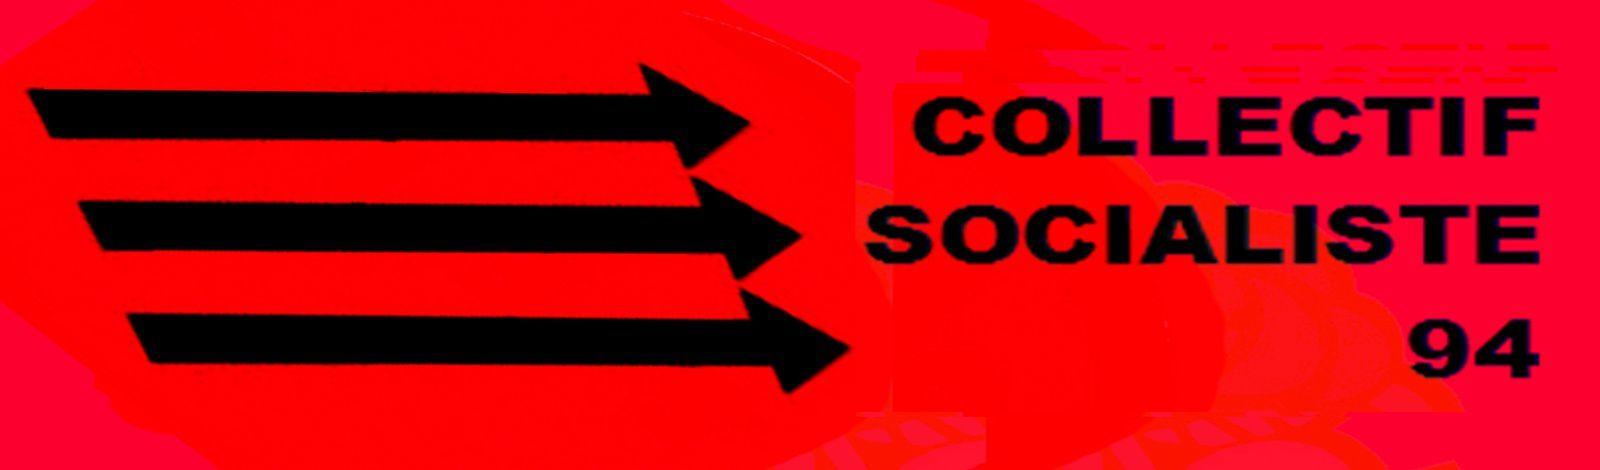 Fontenay Socialiste rejoint le Collectif Socialiste 94 en soutien à sa candidate socialiste Brigitte Tironneau sur la liste Front de Gauche